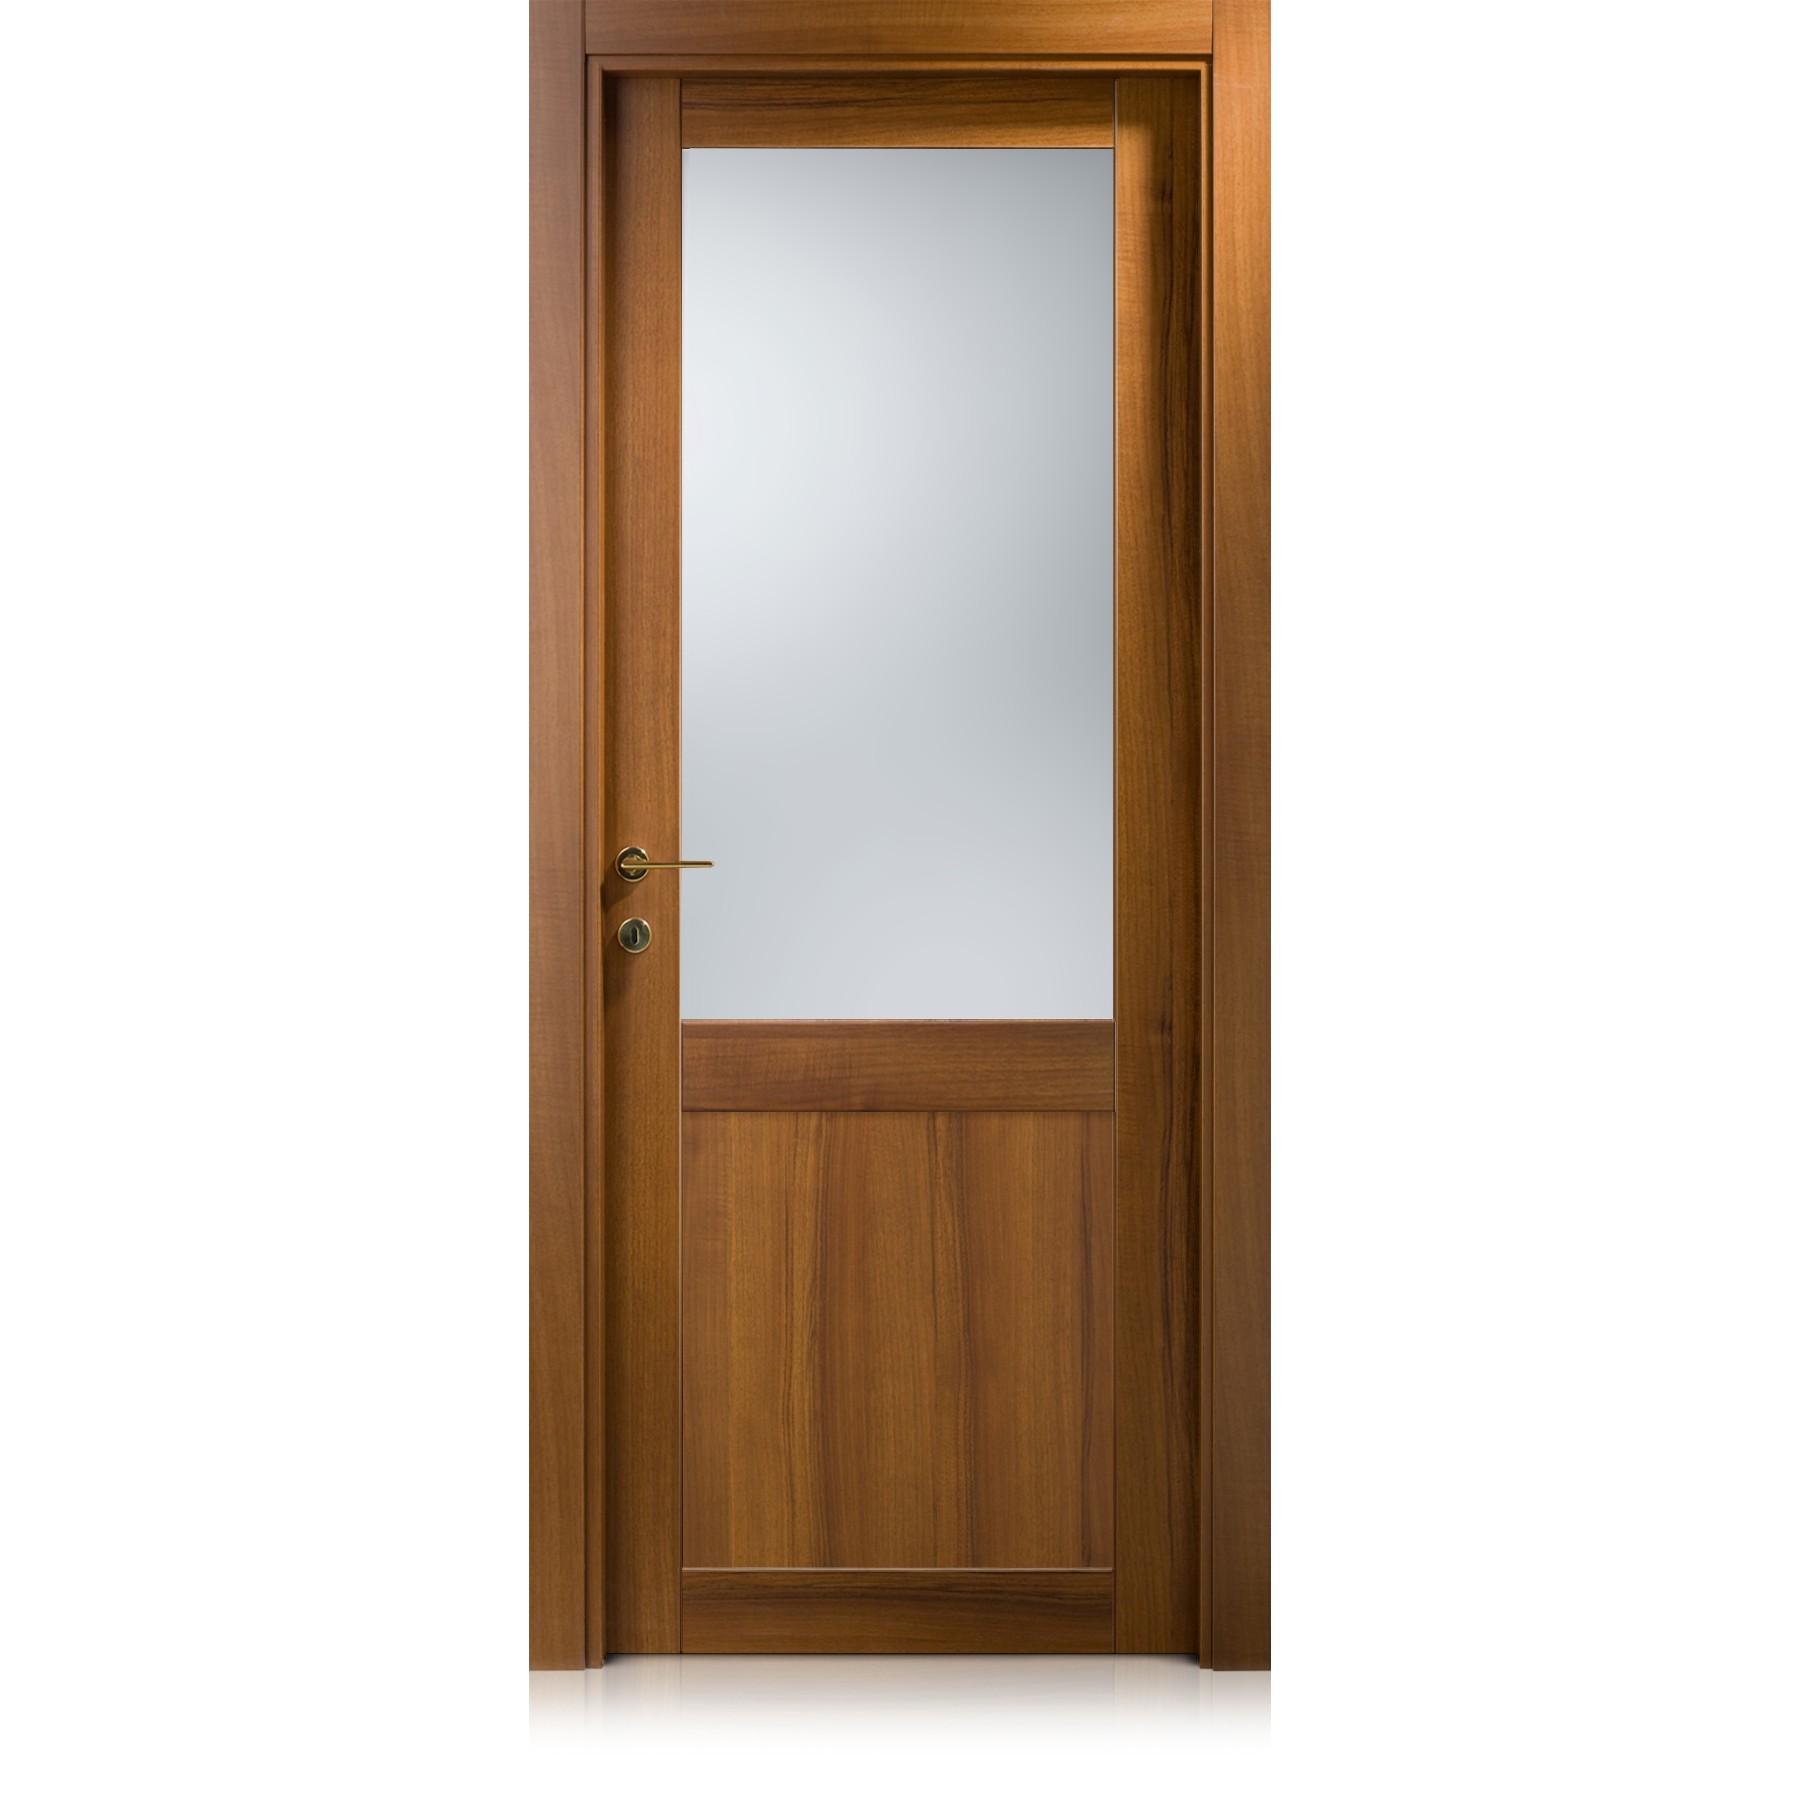 Area / 31 noce door